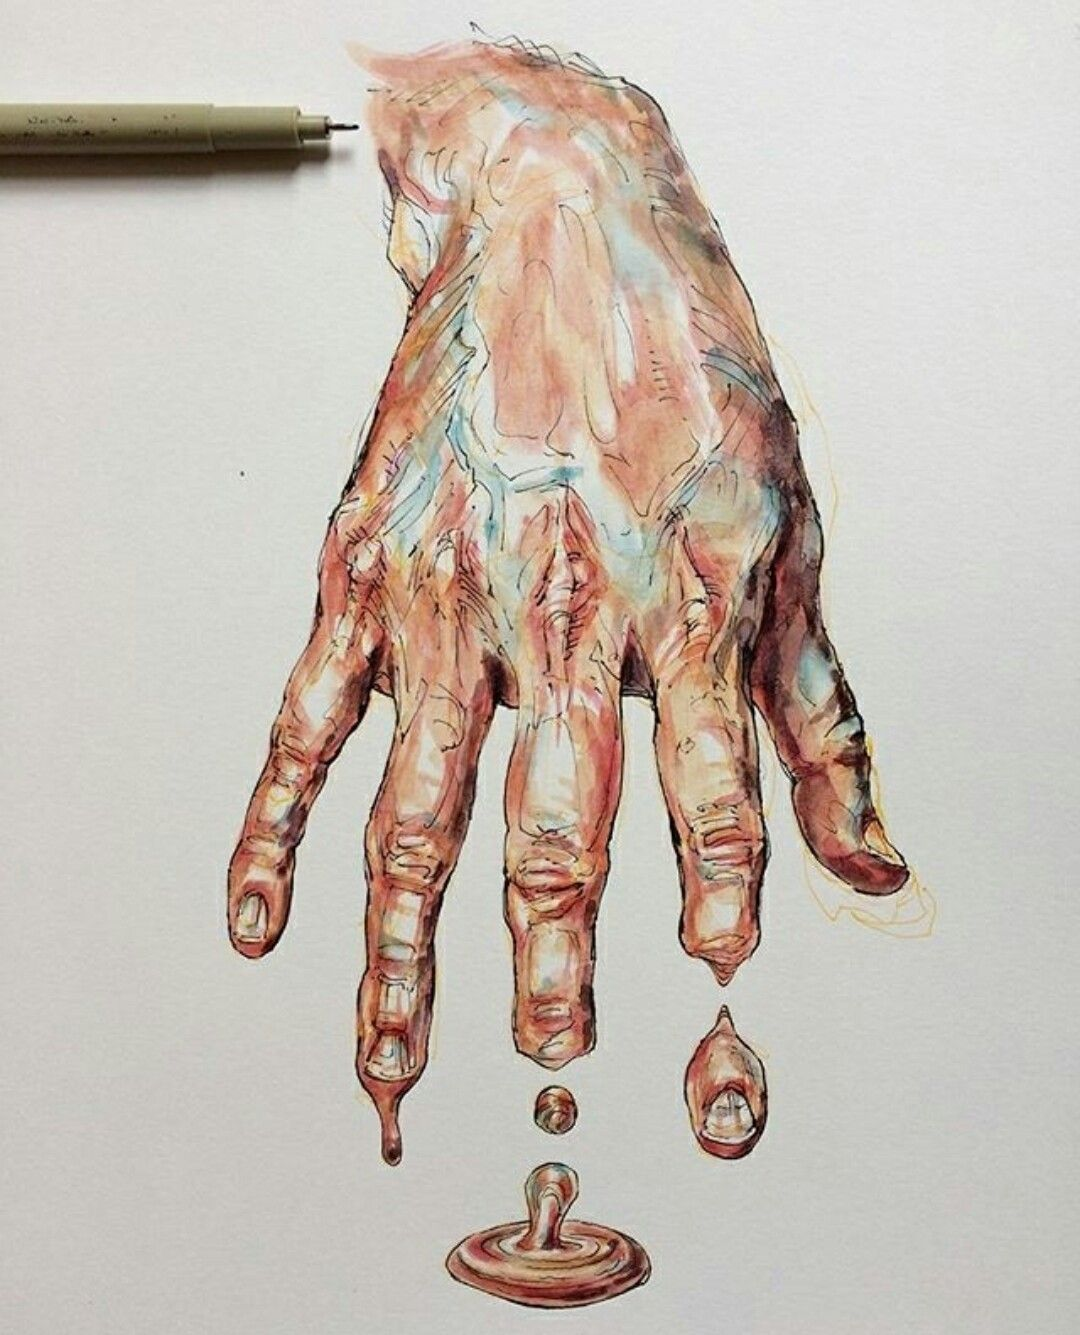 Un cuerpo | Ilustración: Noel Badges Pugh